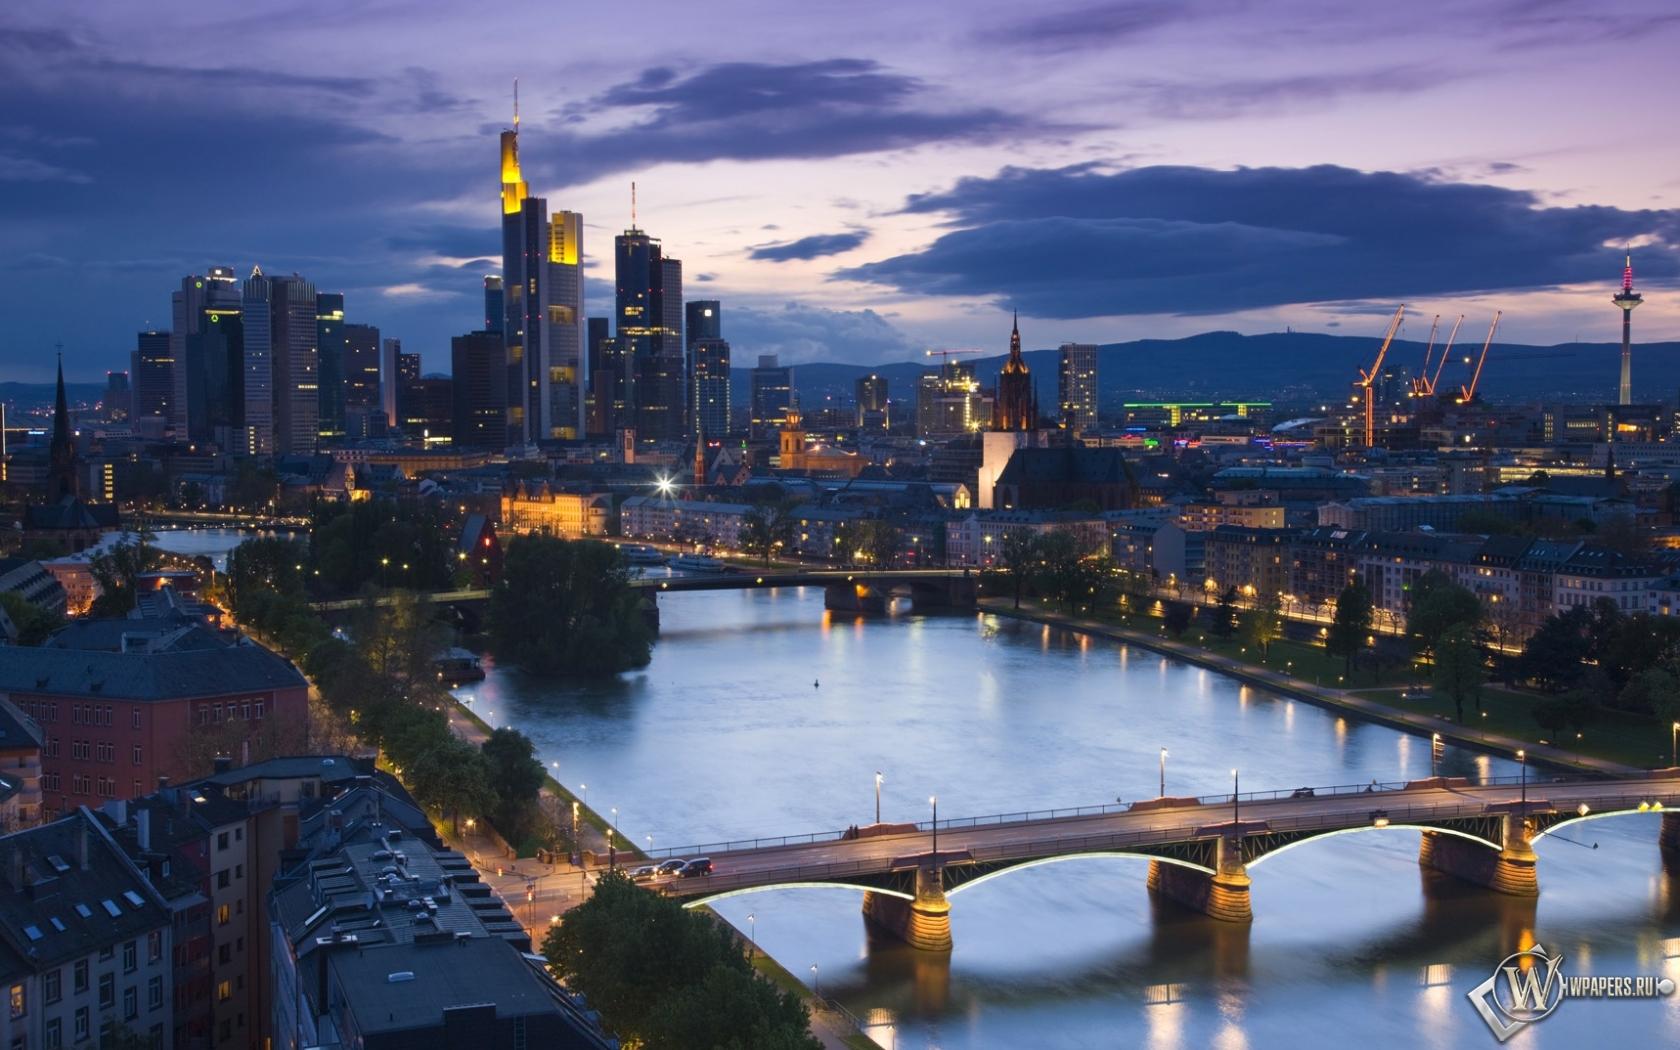 никто красивые фото франкфурта что